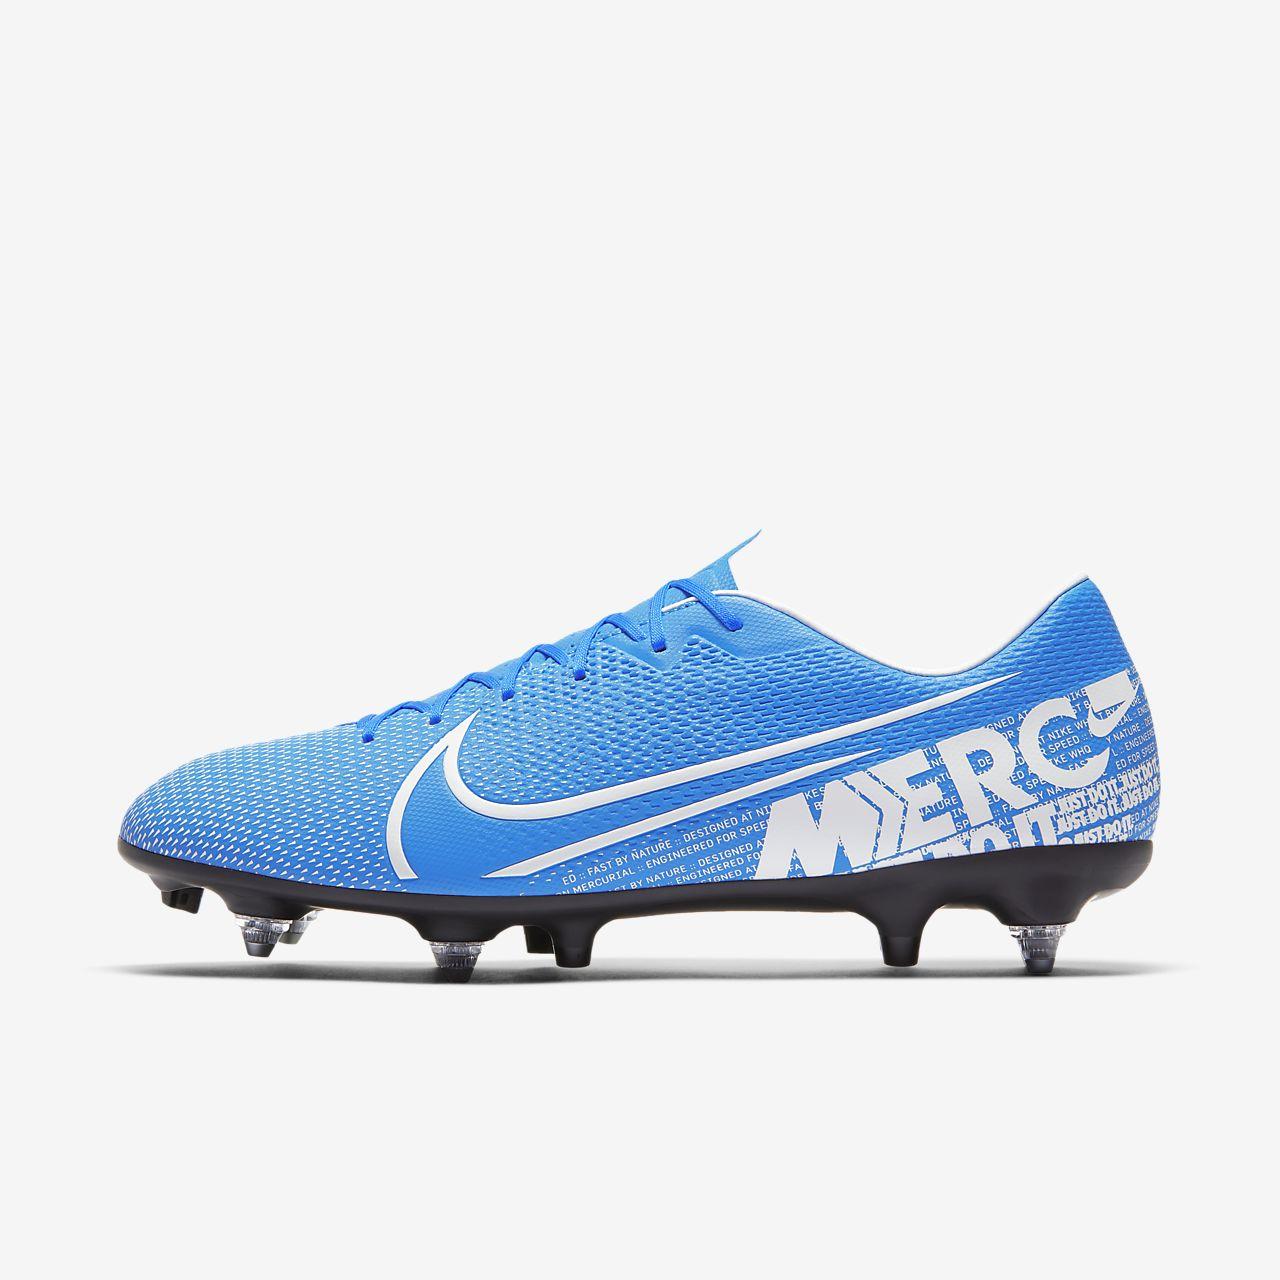 Nike Mercurial Vapor 13 Academy SG-PRO Anti-Clog Traction Botes de futbol per a terreny tou